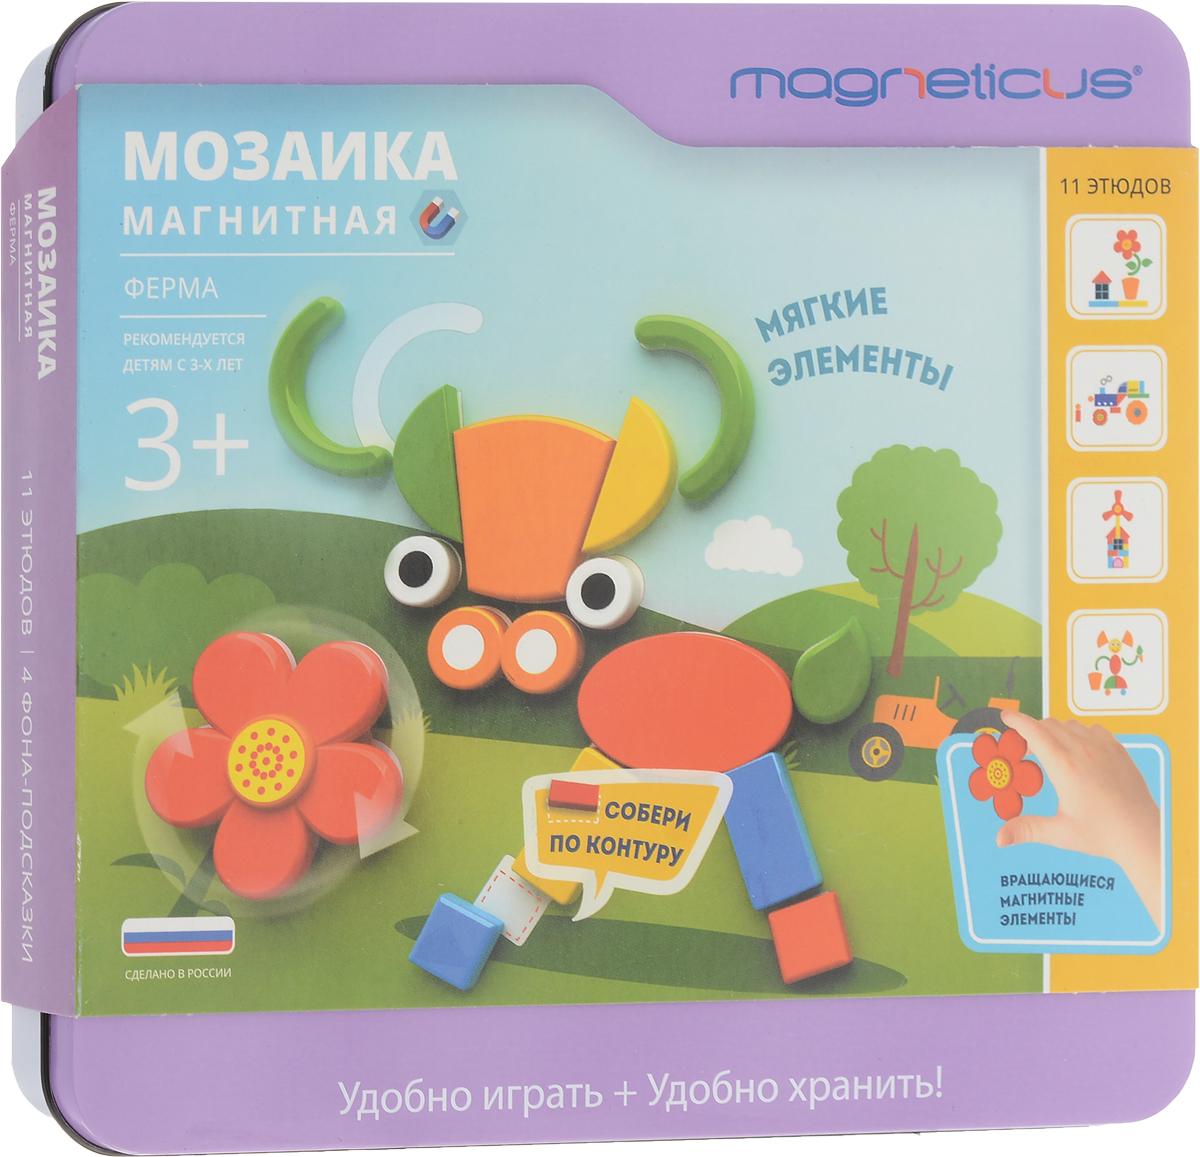 Magneticus Мозаика магнитная Ферма цвет упаковки сиреневый мозаика magneticus мозаика магнитная ангелы